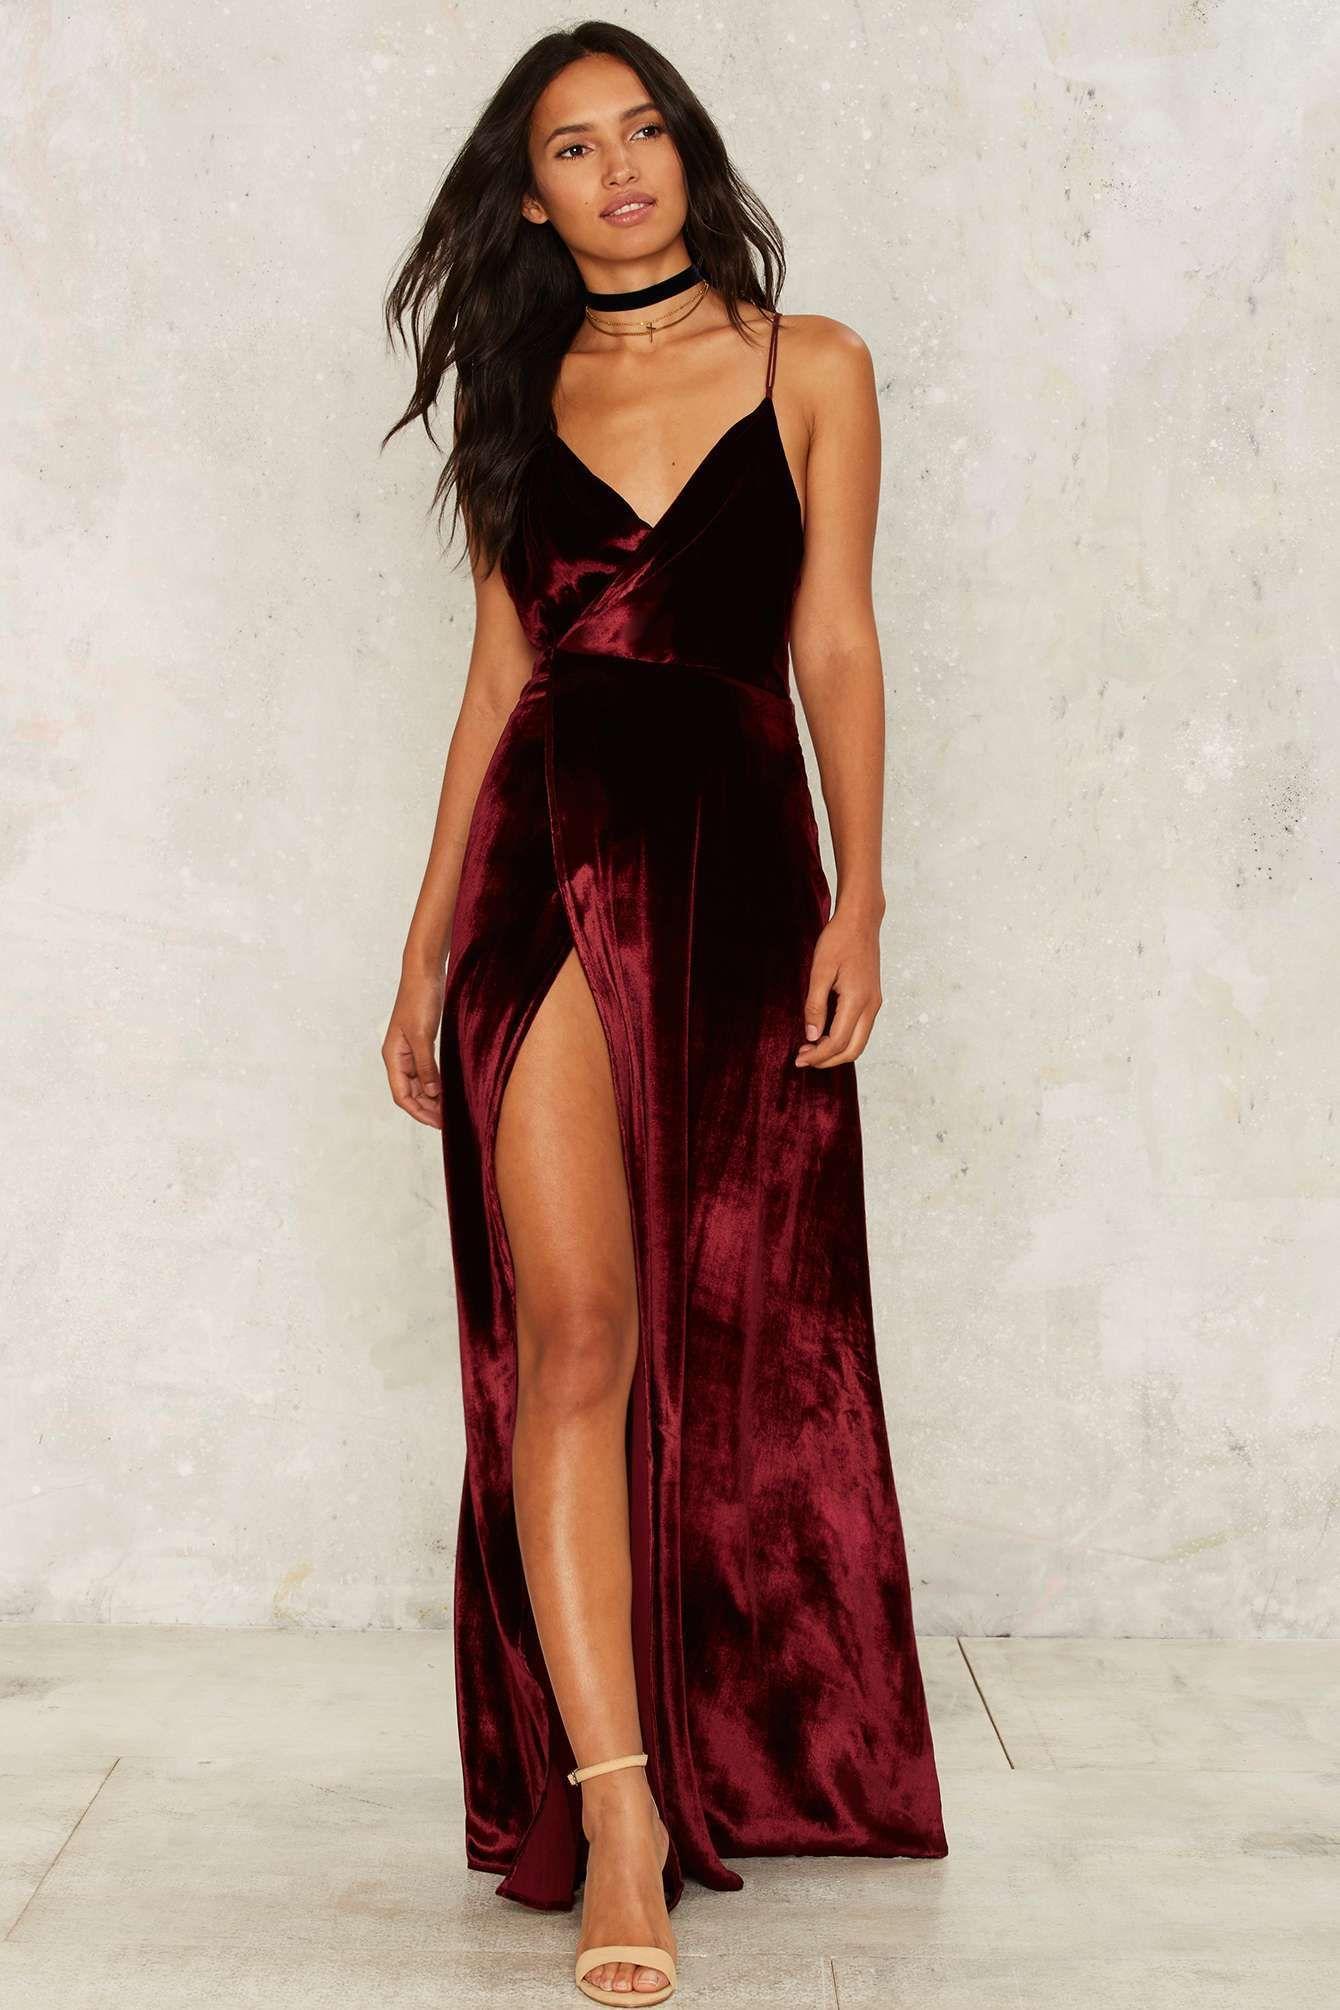 040da18250b7 Sexy Straps Burgundy Velvet Long Dress with Slit - Thumbnail 1